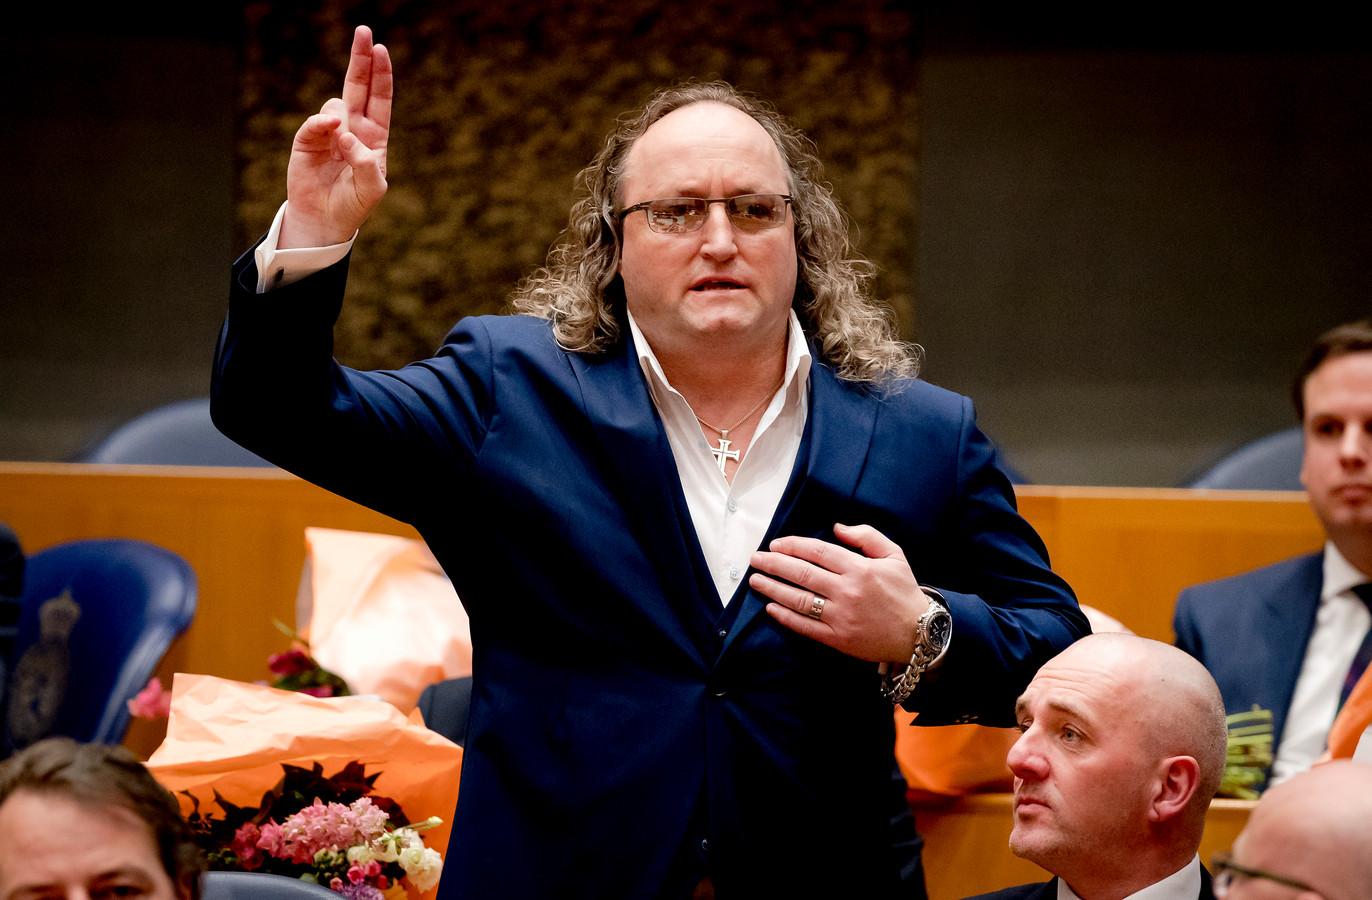 Dion Graus (PVV) legt de eed af tijdens de installatie van de nieuwe Kamerleden na de Tweede Kamerverkiezingen.